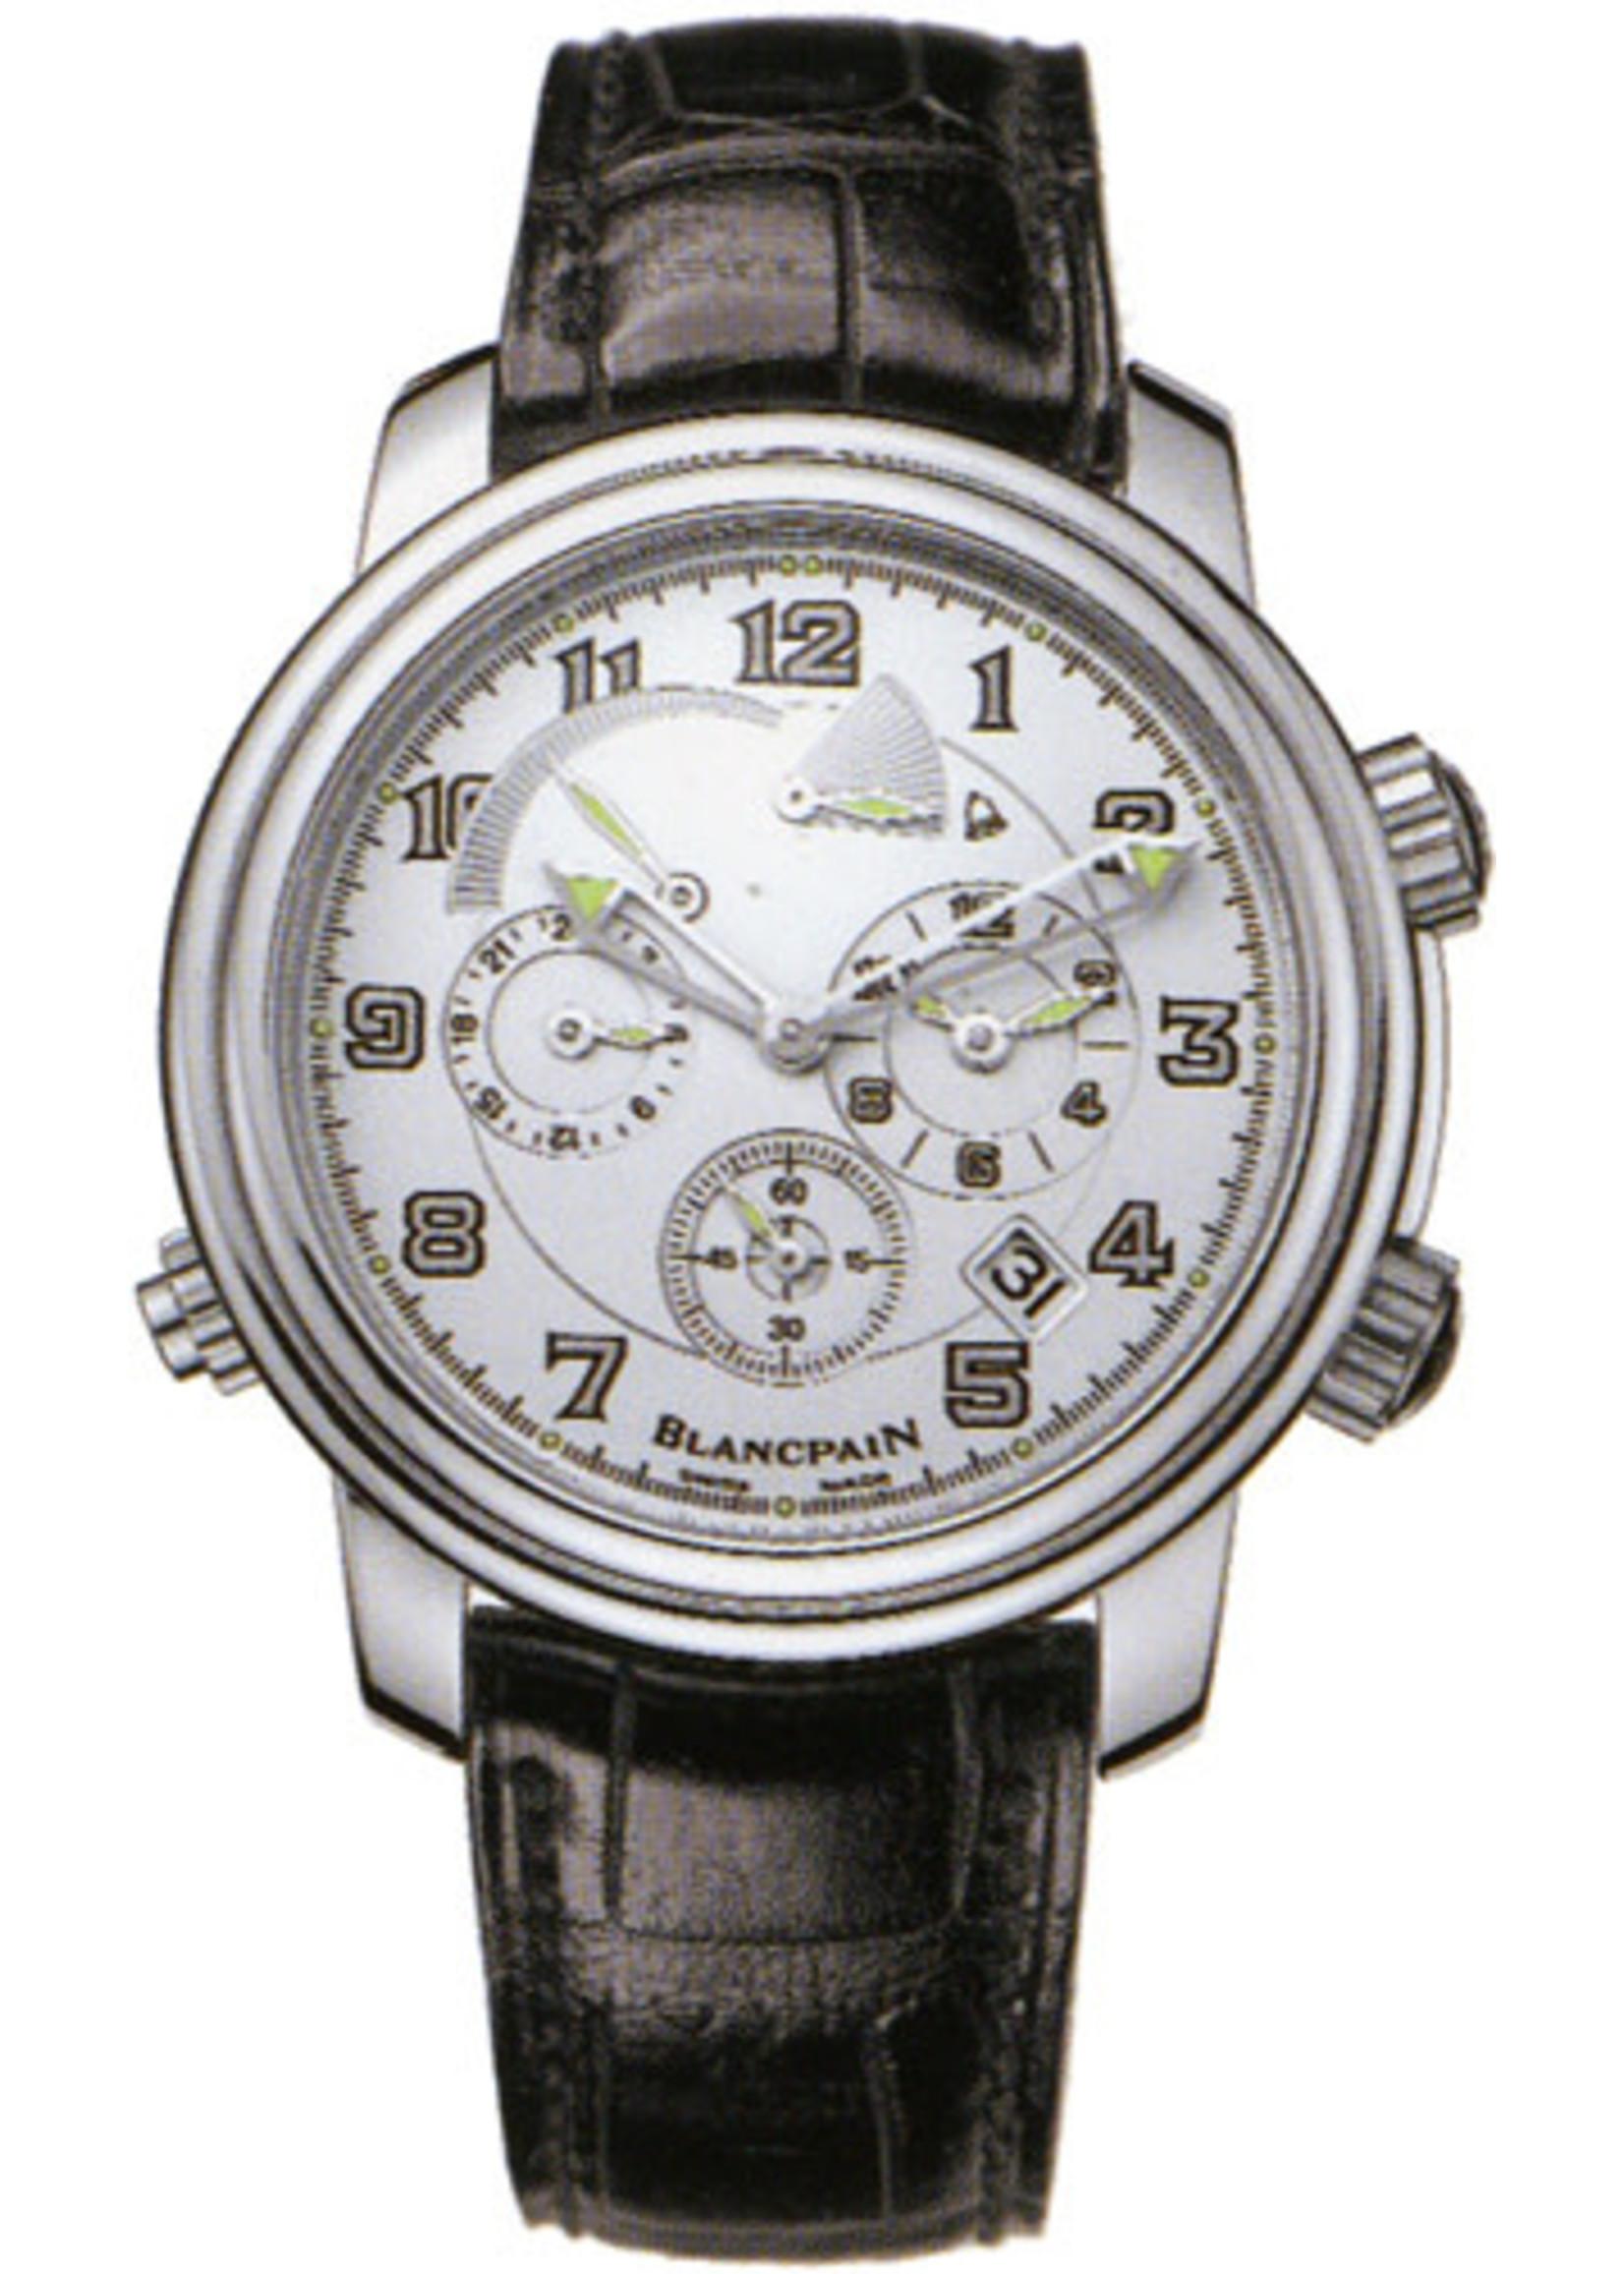 BLANCPAIN BLANCPAIN LEMAN REVEIL GMT 2041-1542M-53B (B+P)